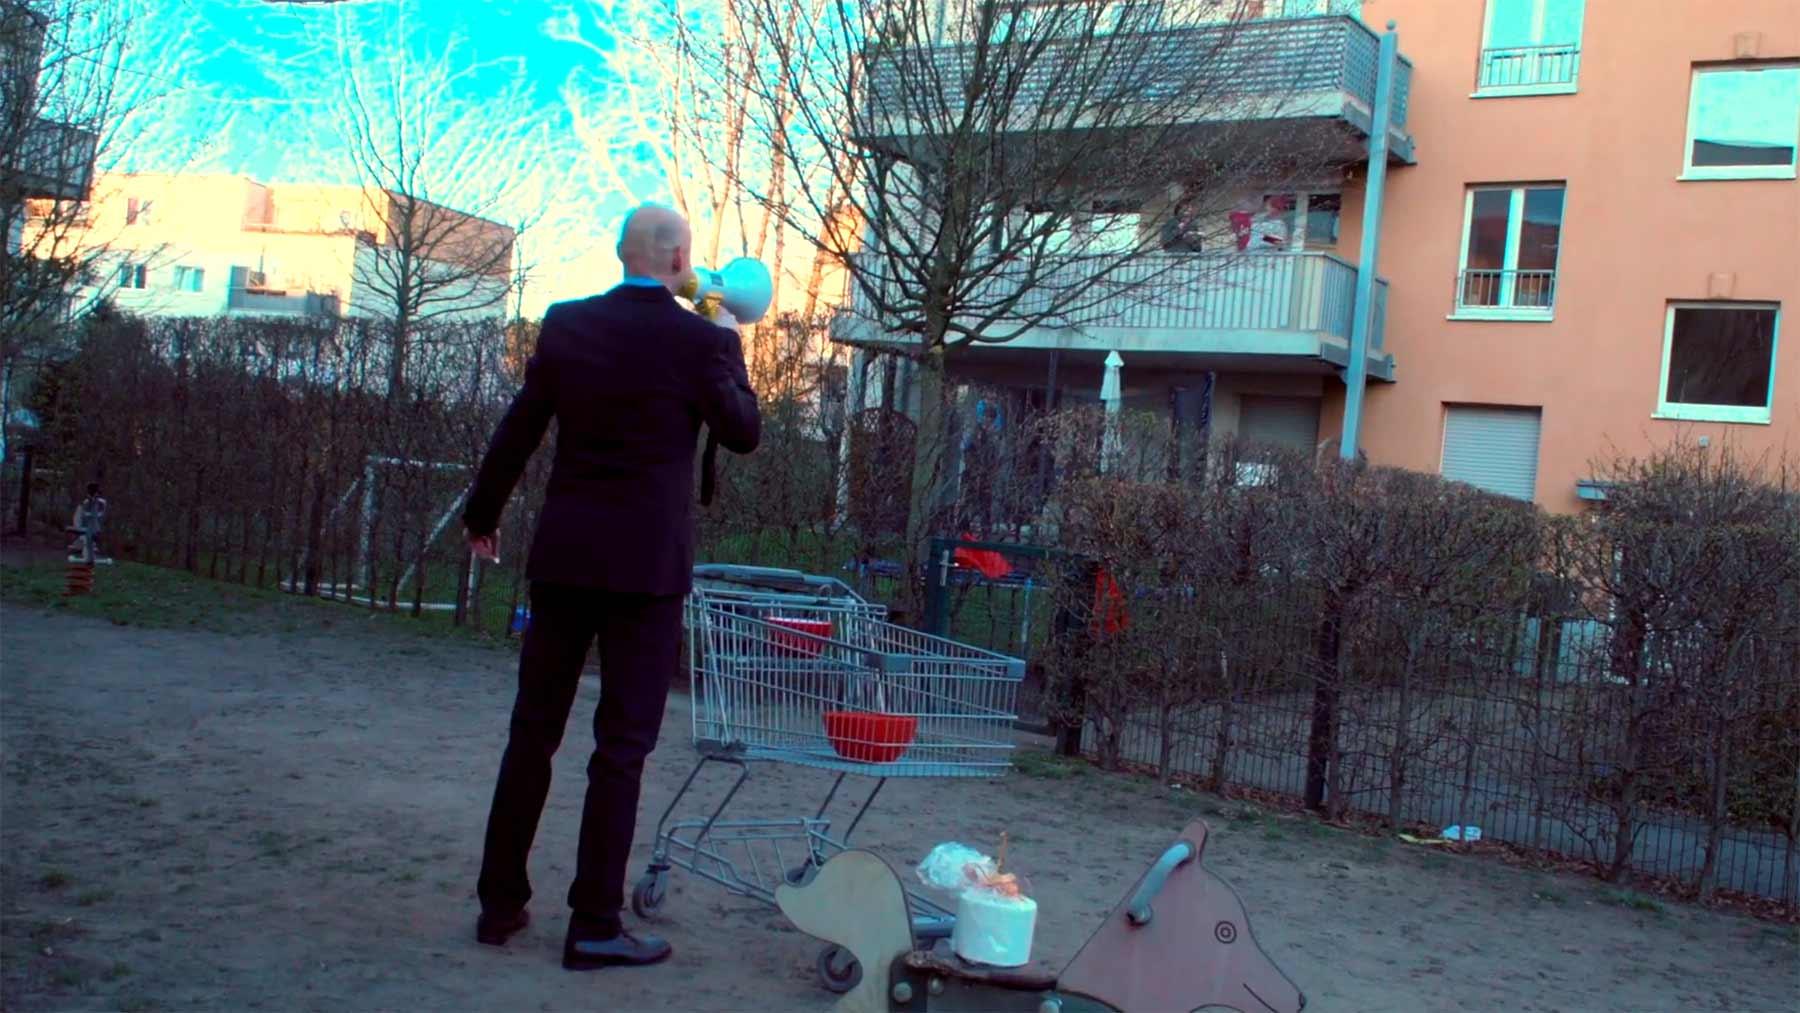 Quarantäne-Spaß: Balkon-Bingo mit den Nachbarn spielen balkon-bingo-spielen